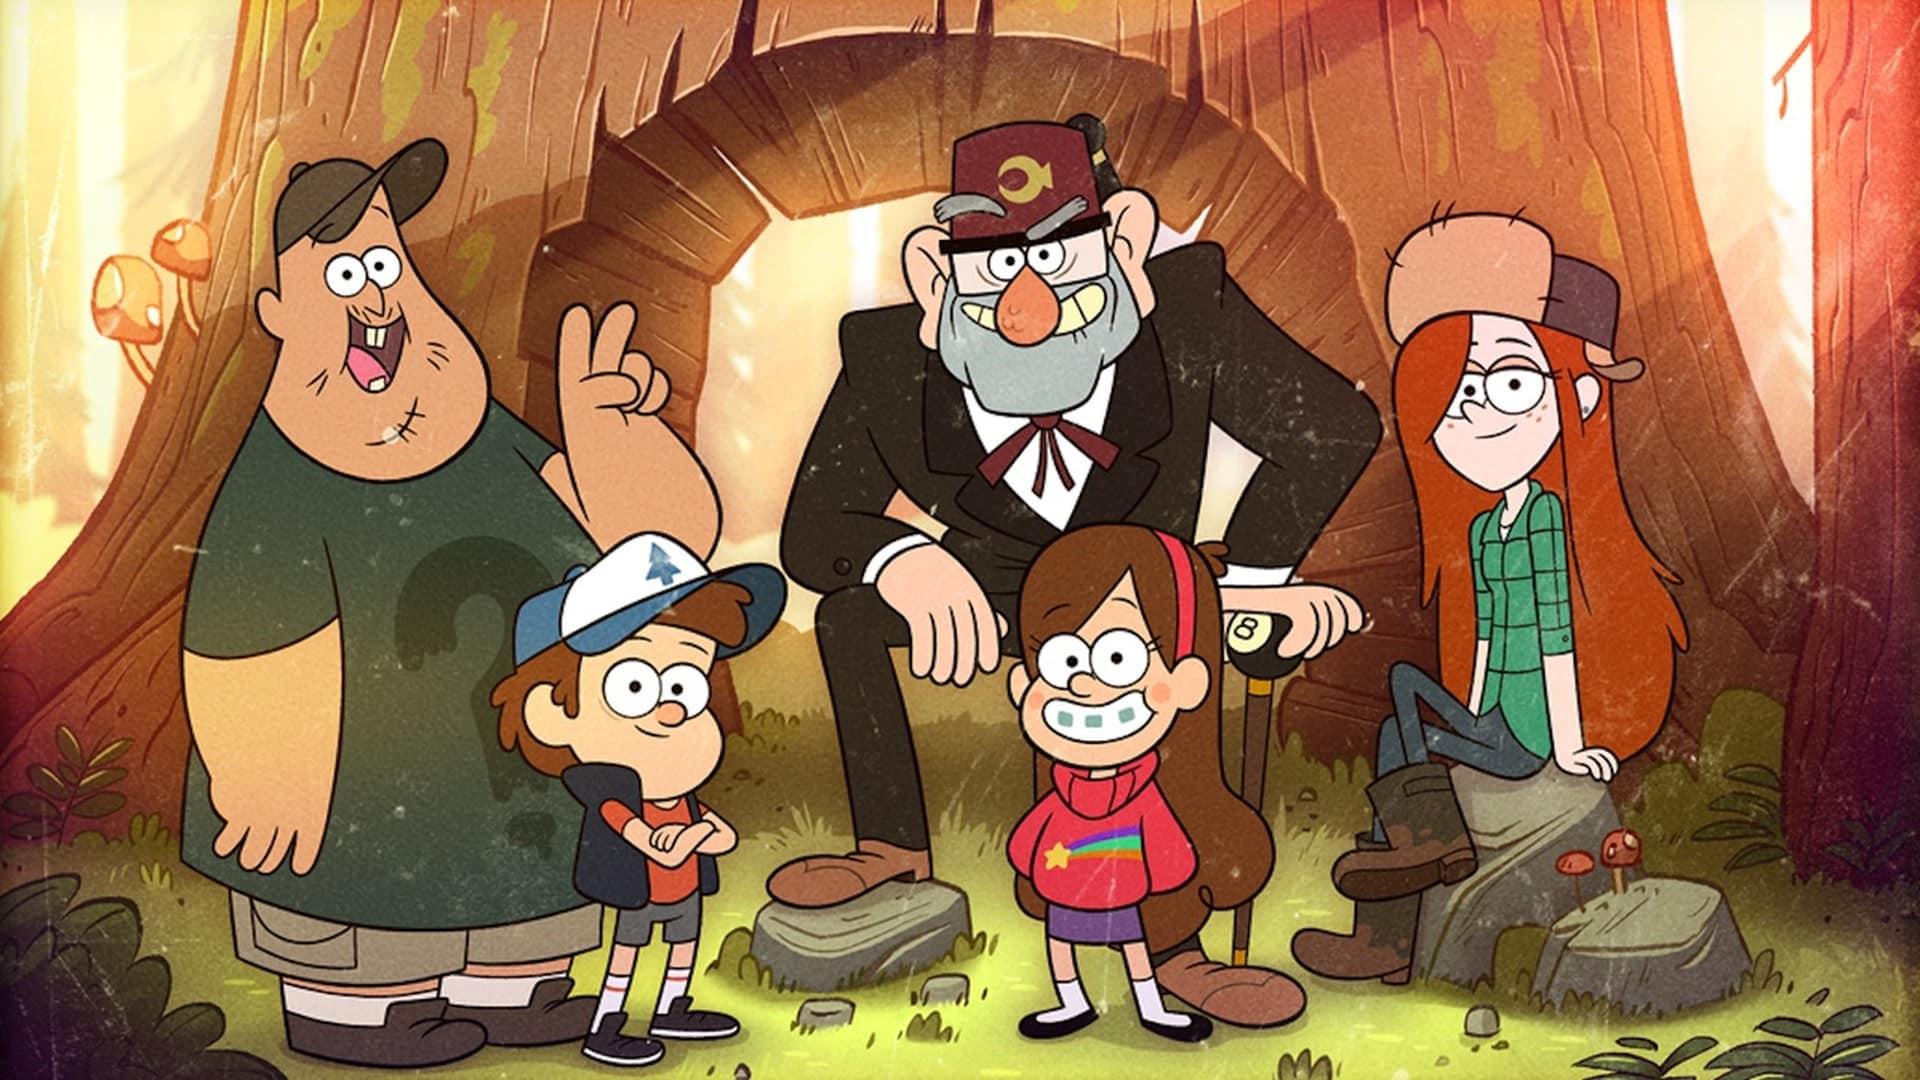 TIP na seriál: Gravity Falls | Príbeh o dvojčatách, ktoré riešia samé záhady